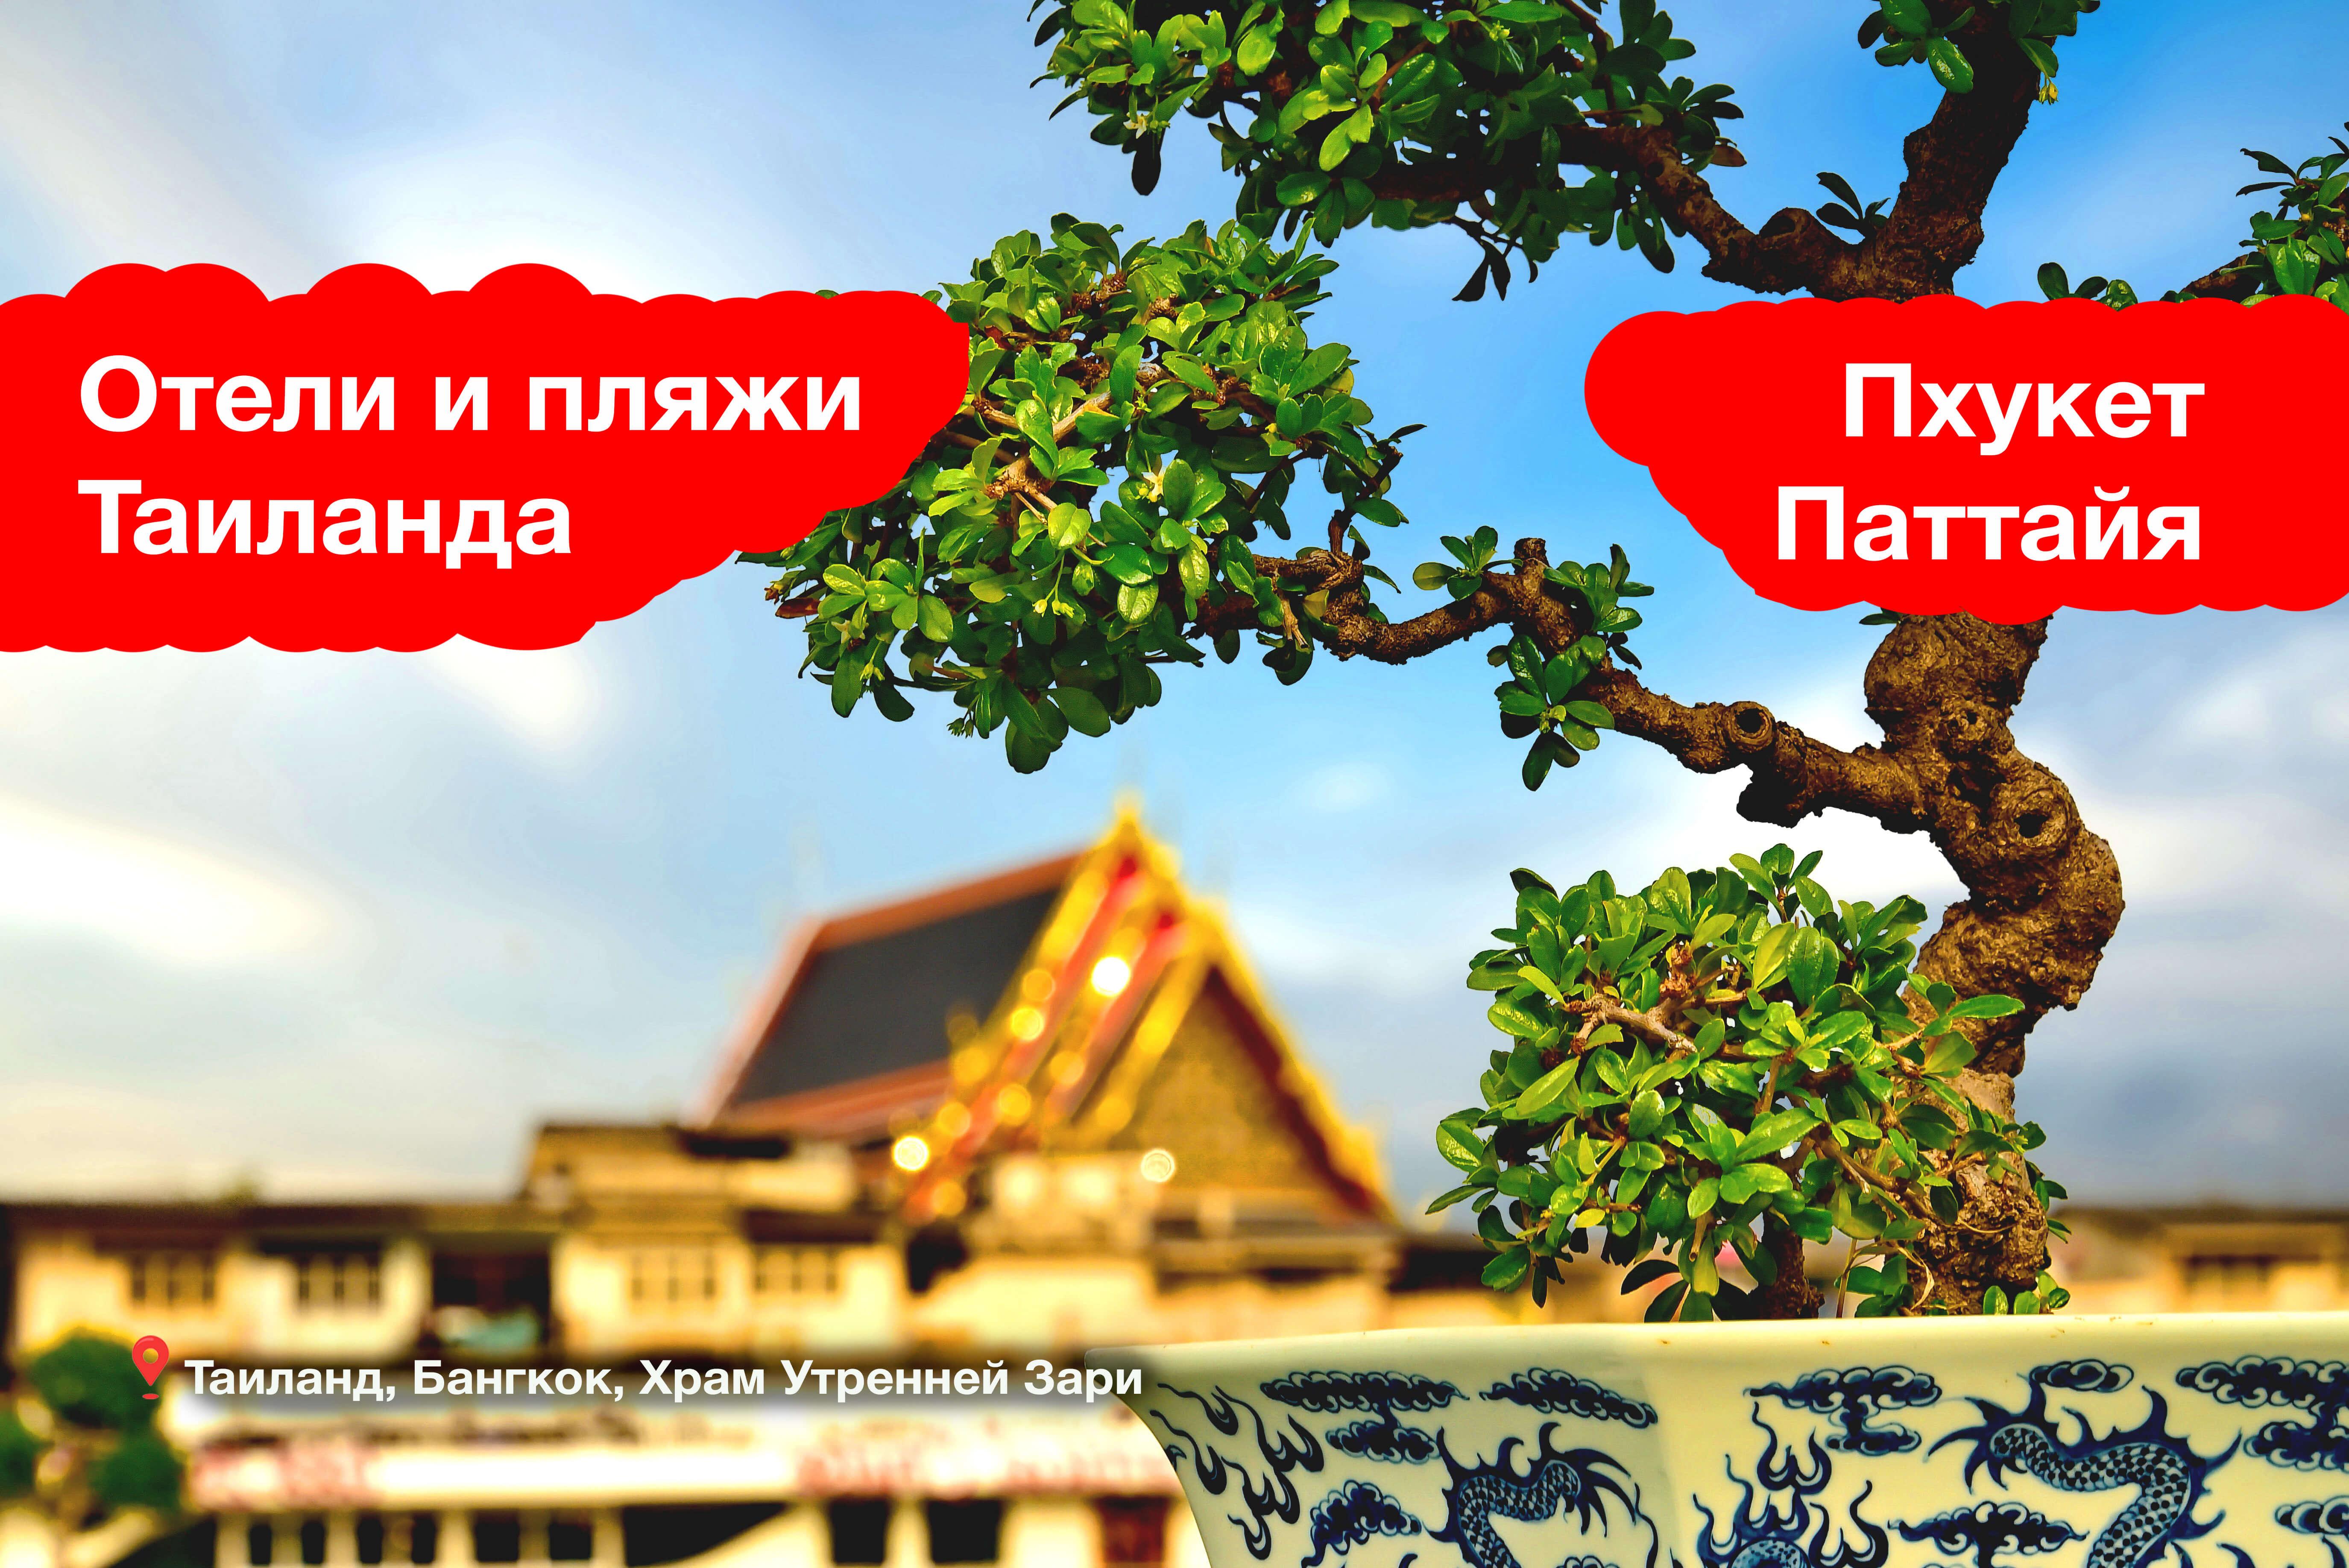 Таиланд, Бангкок, Буддийский храм Утренней Зари, Ват Арун.